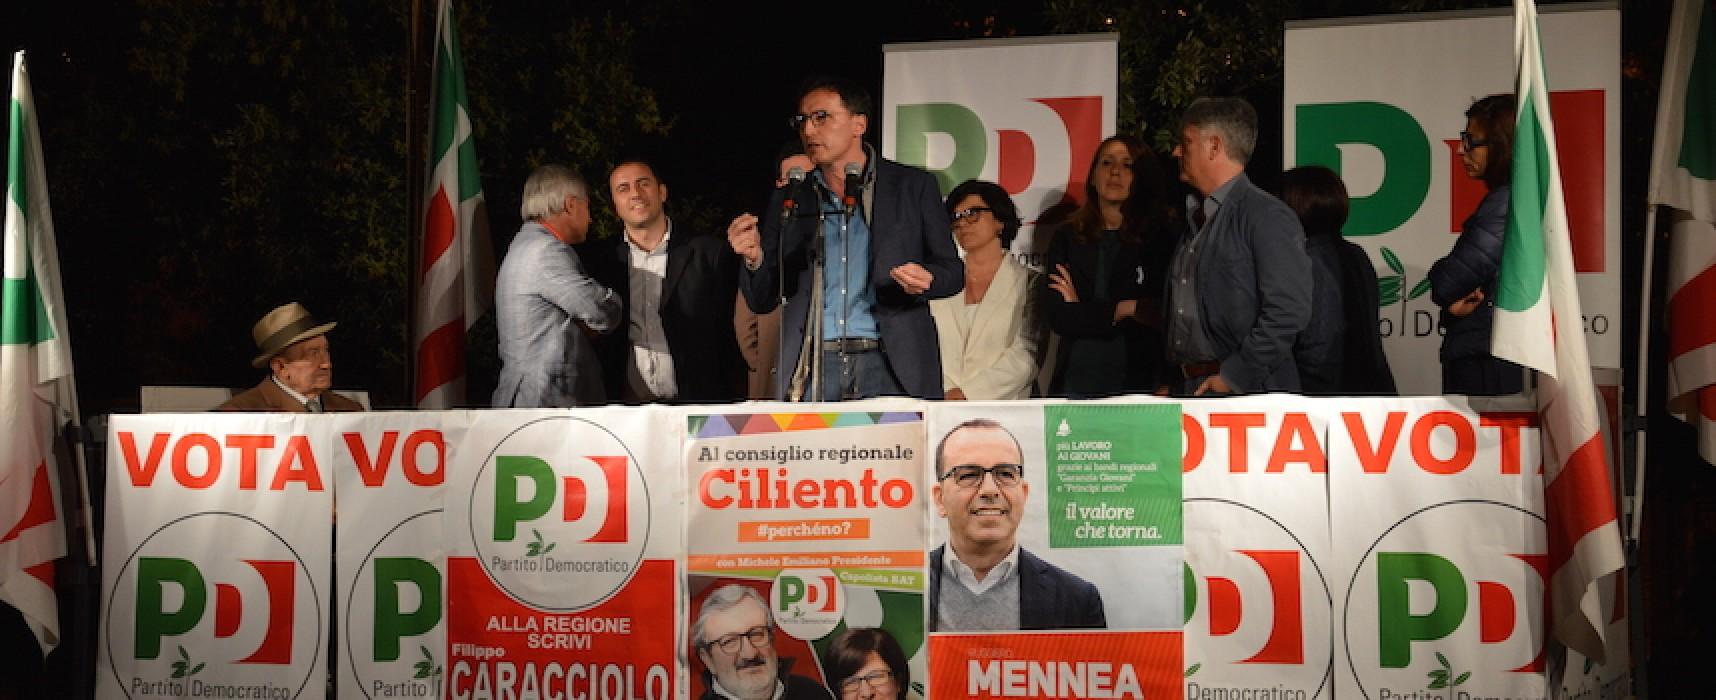 """Boccia in piazza: """"No a personaggi ambigui che mercanteggiano in ogni campagna elettorale"""" / FOTO"""